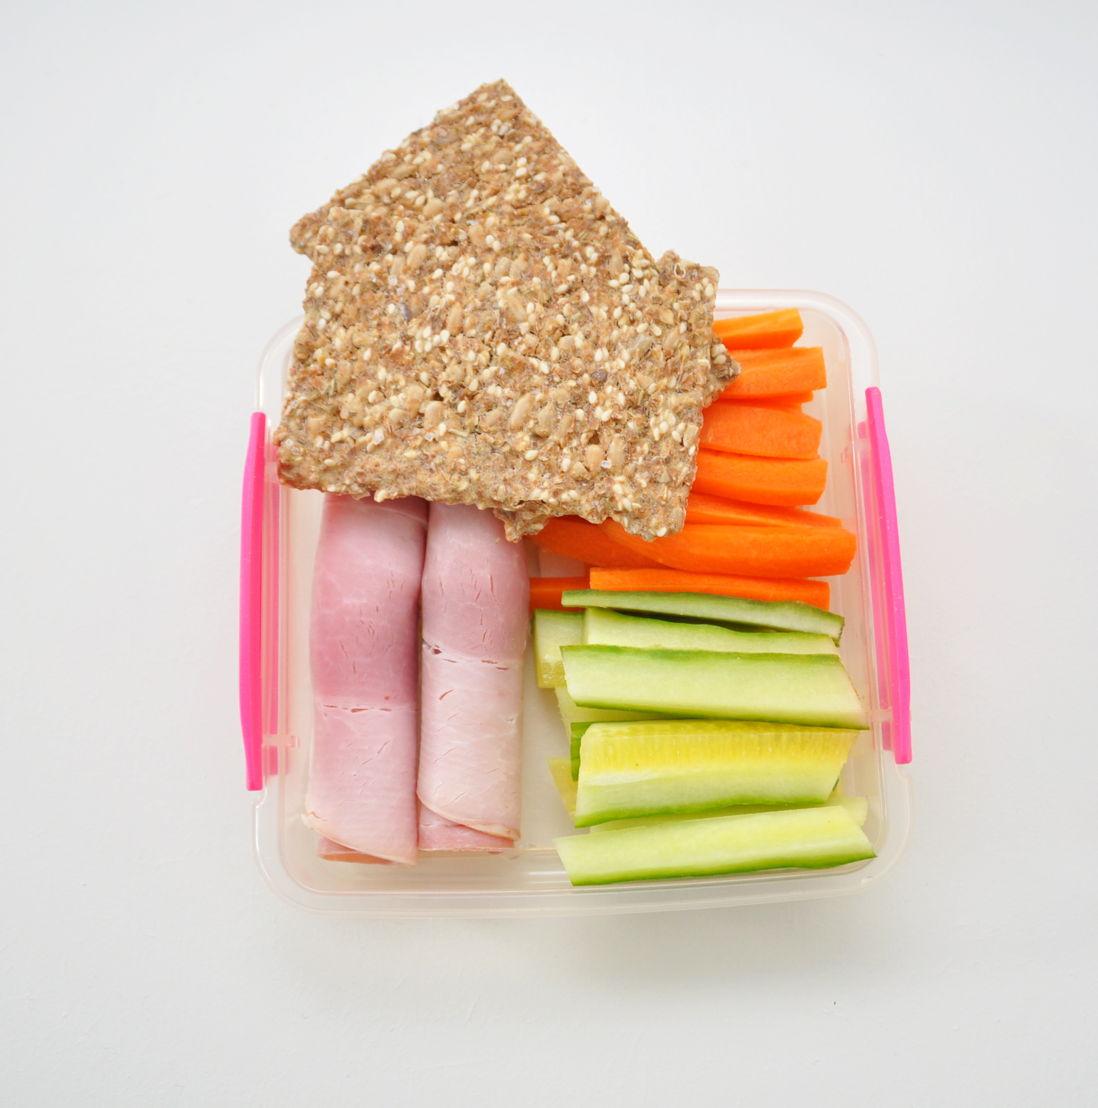 Rouleaux de jambon cuit<br/>Crackers aux graines<br/>Bâtonnets de concombre et carottes